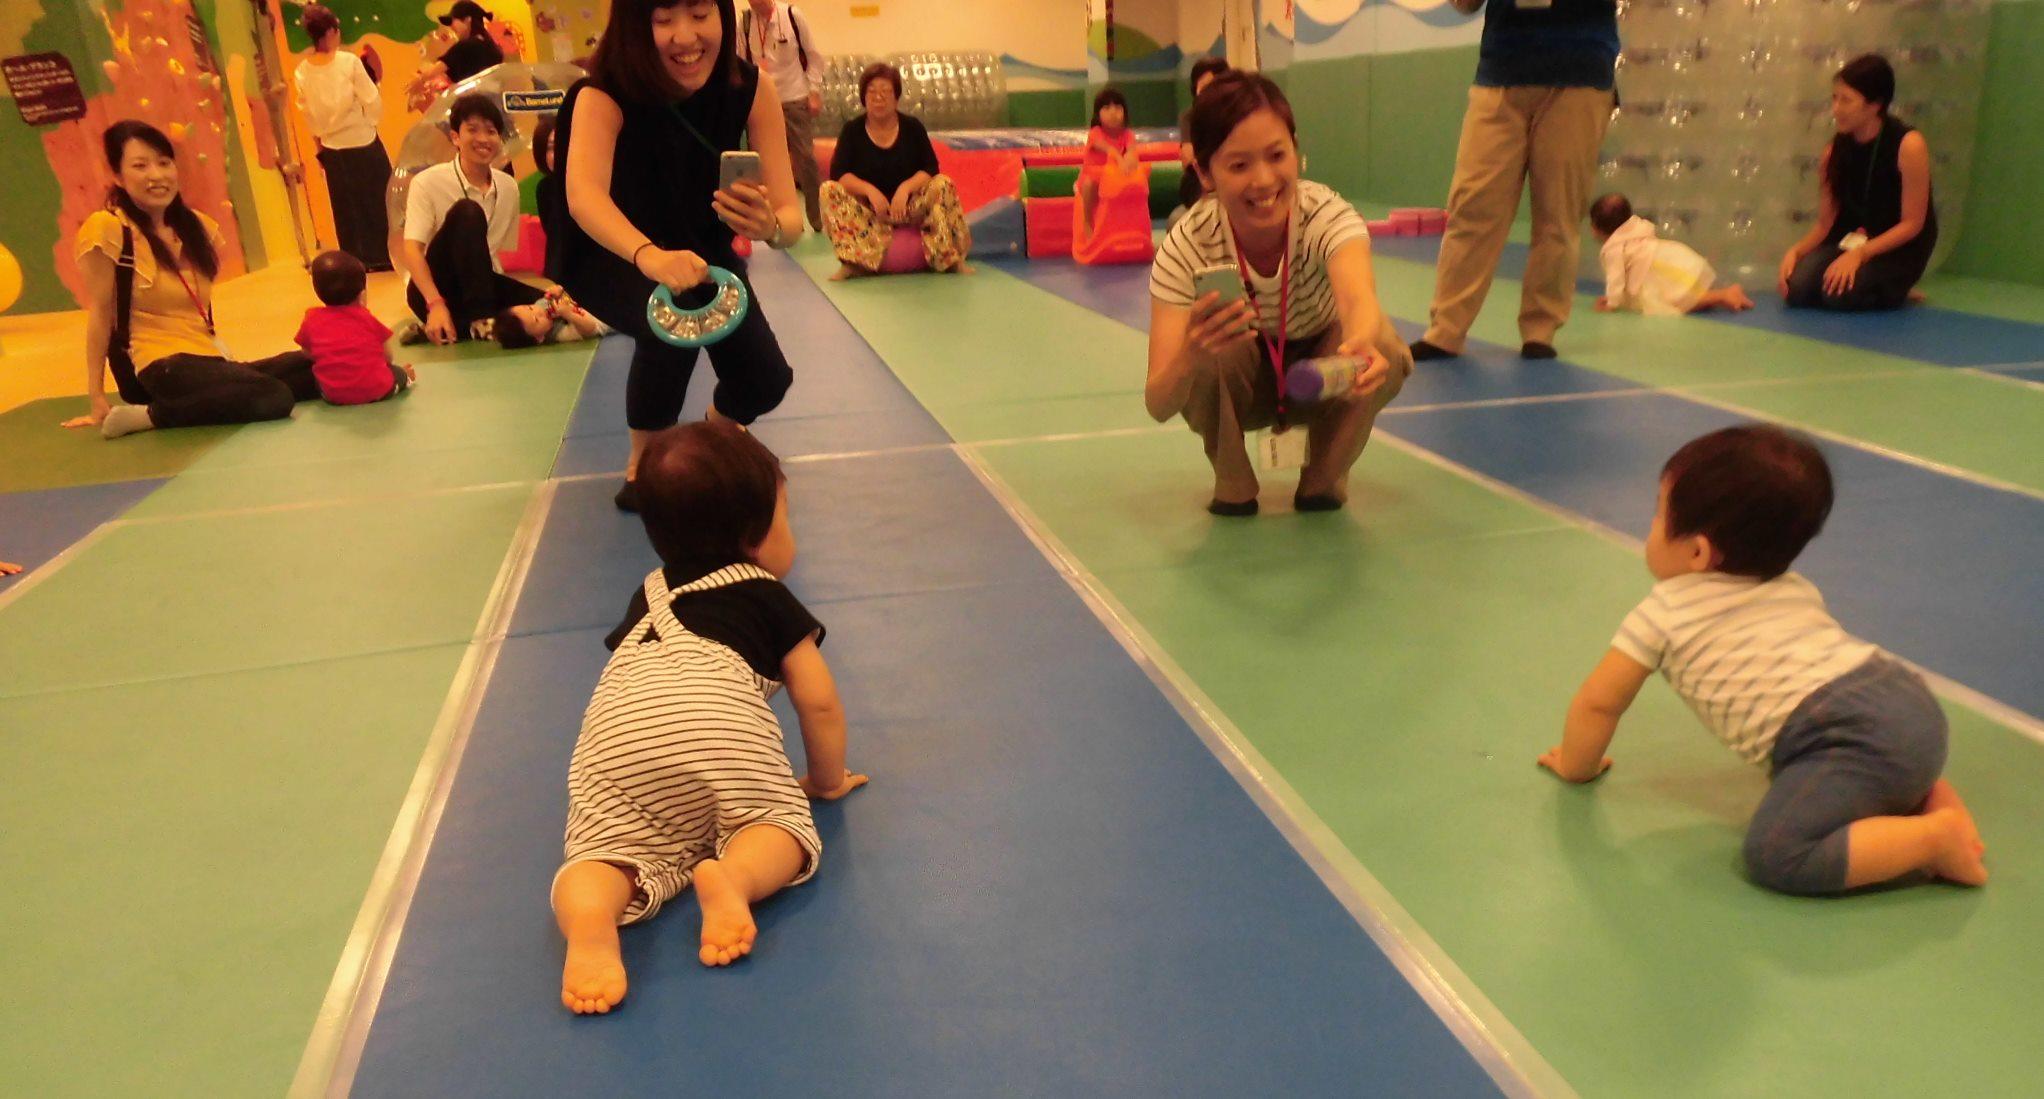 【毎週火曜日は赤ちゃんの日】ハイハイレースをしよう!